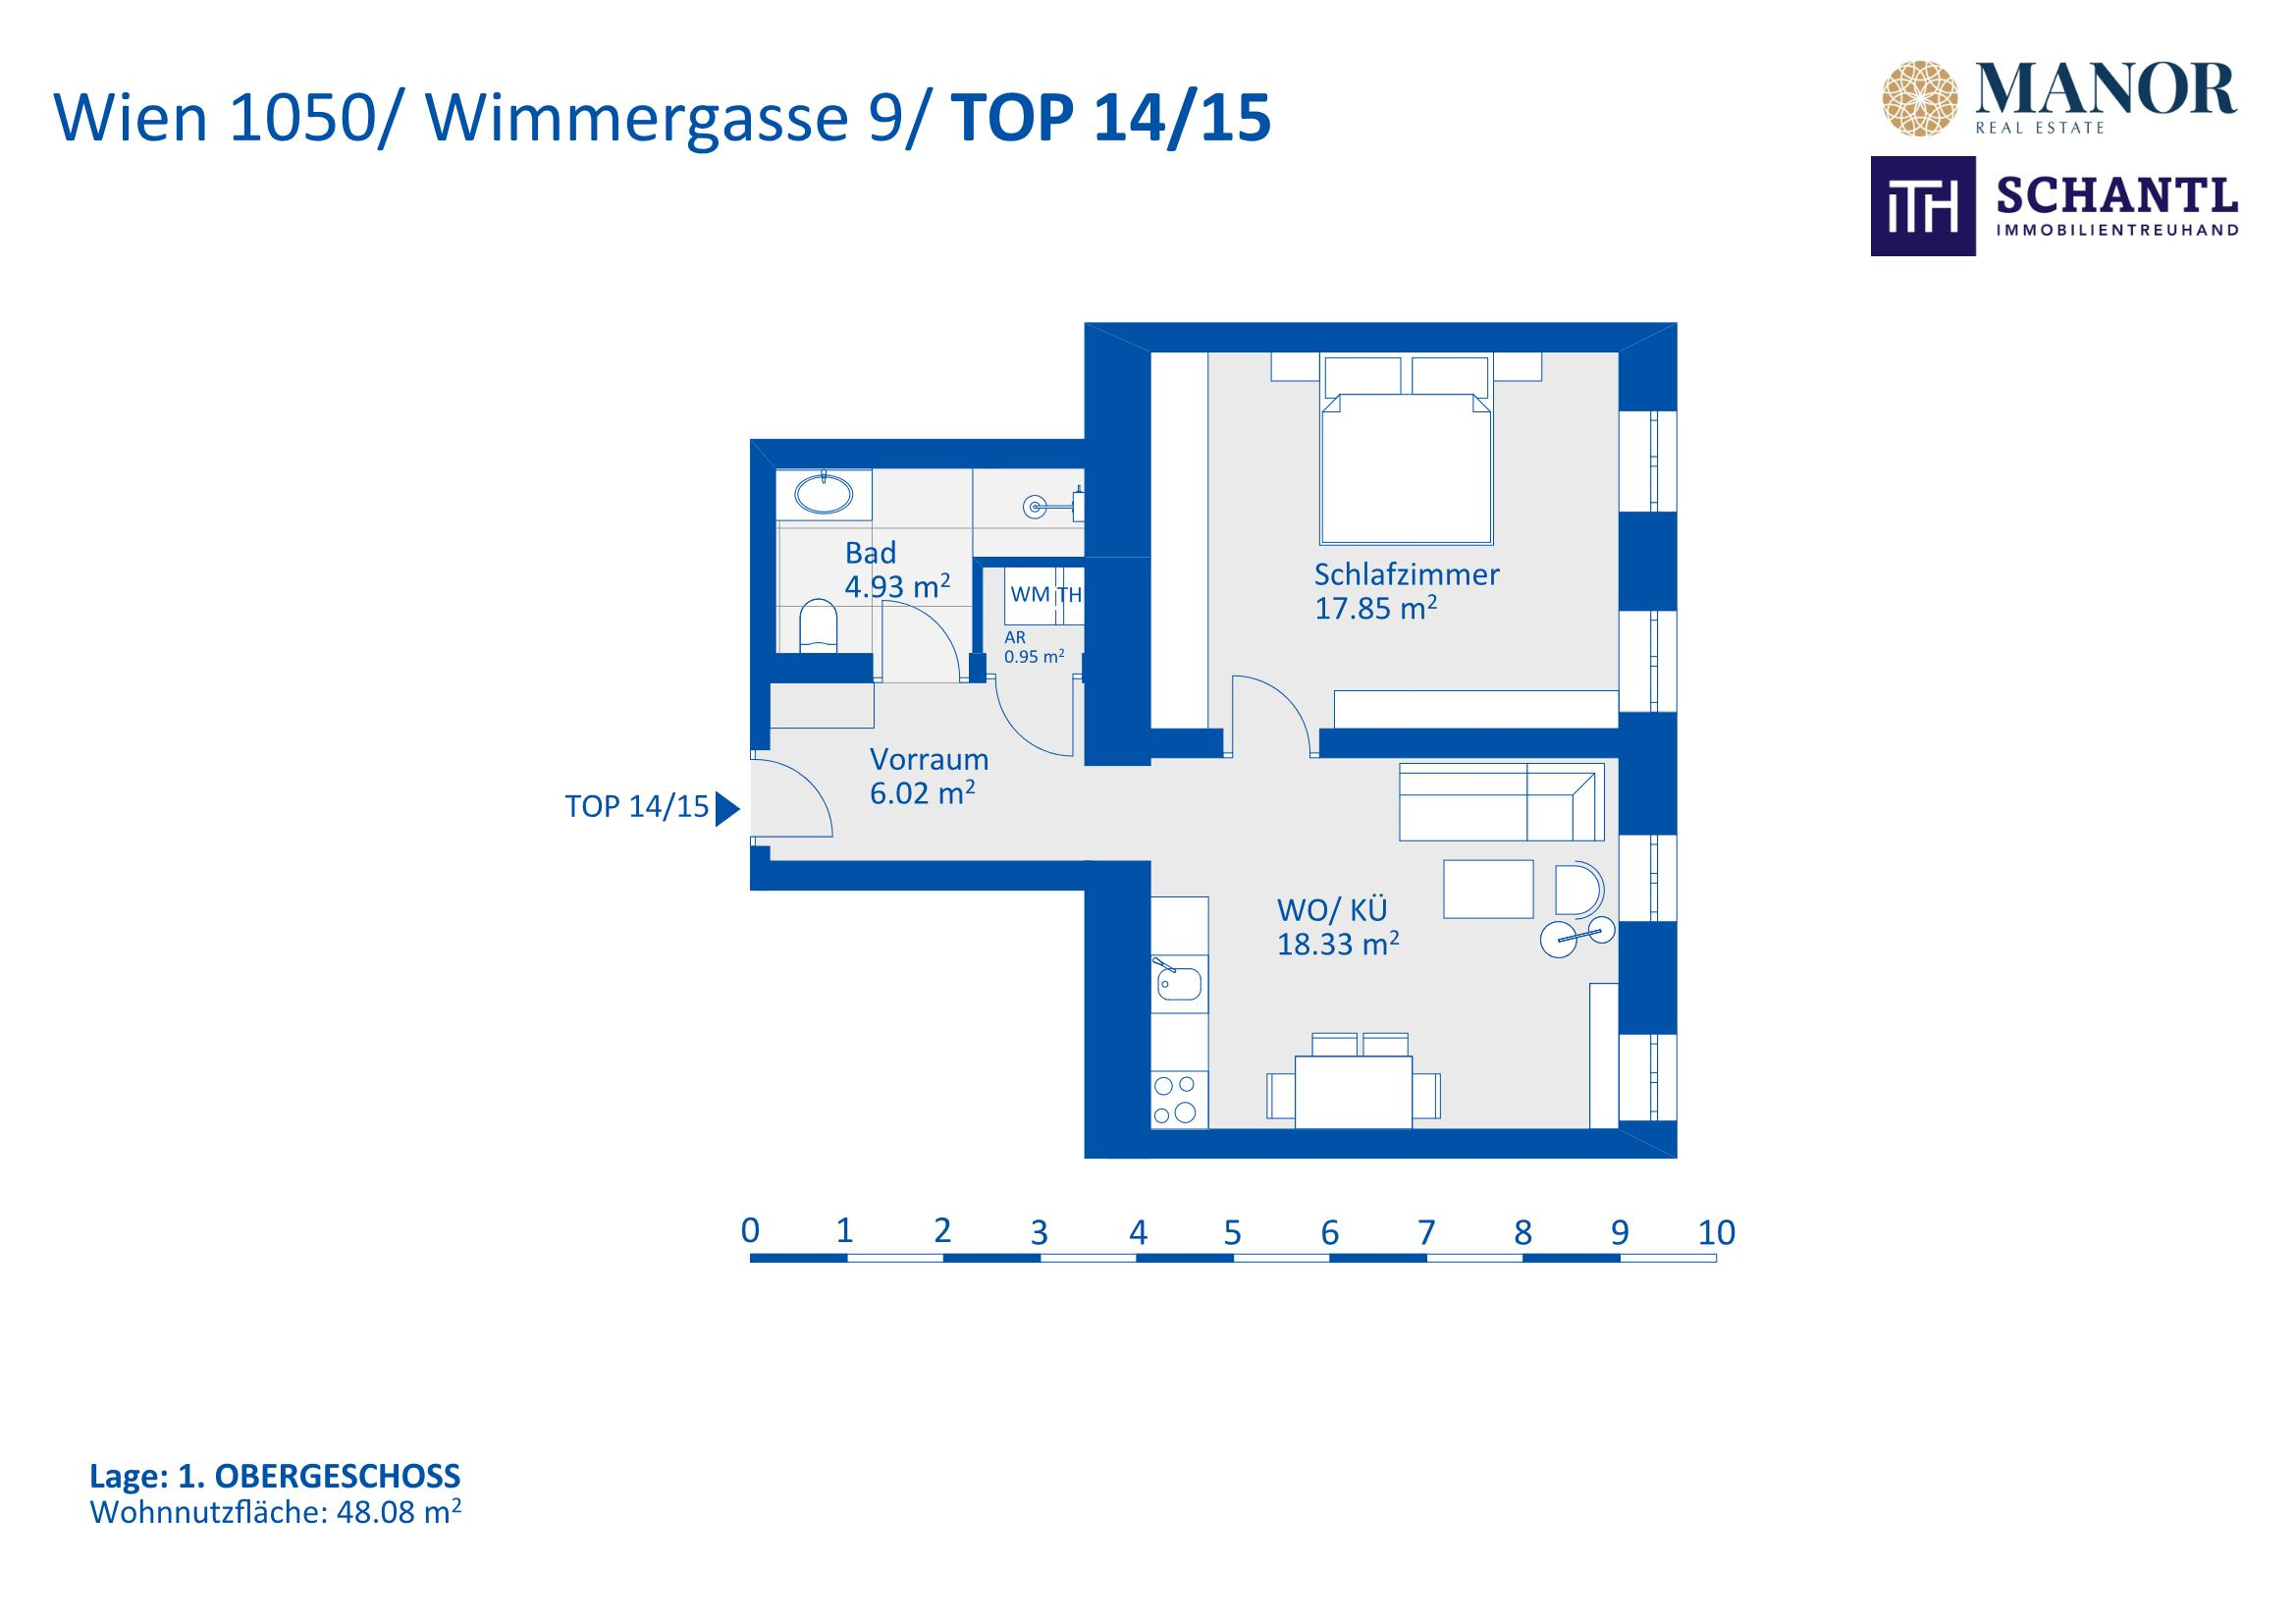 1050 Wien_Wimergasse 9_Top 14_15